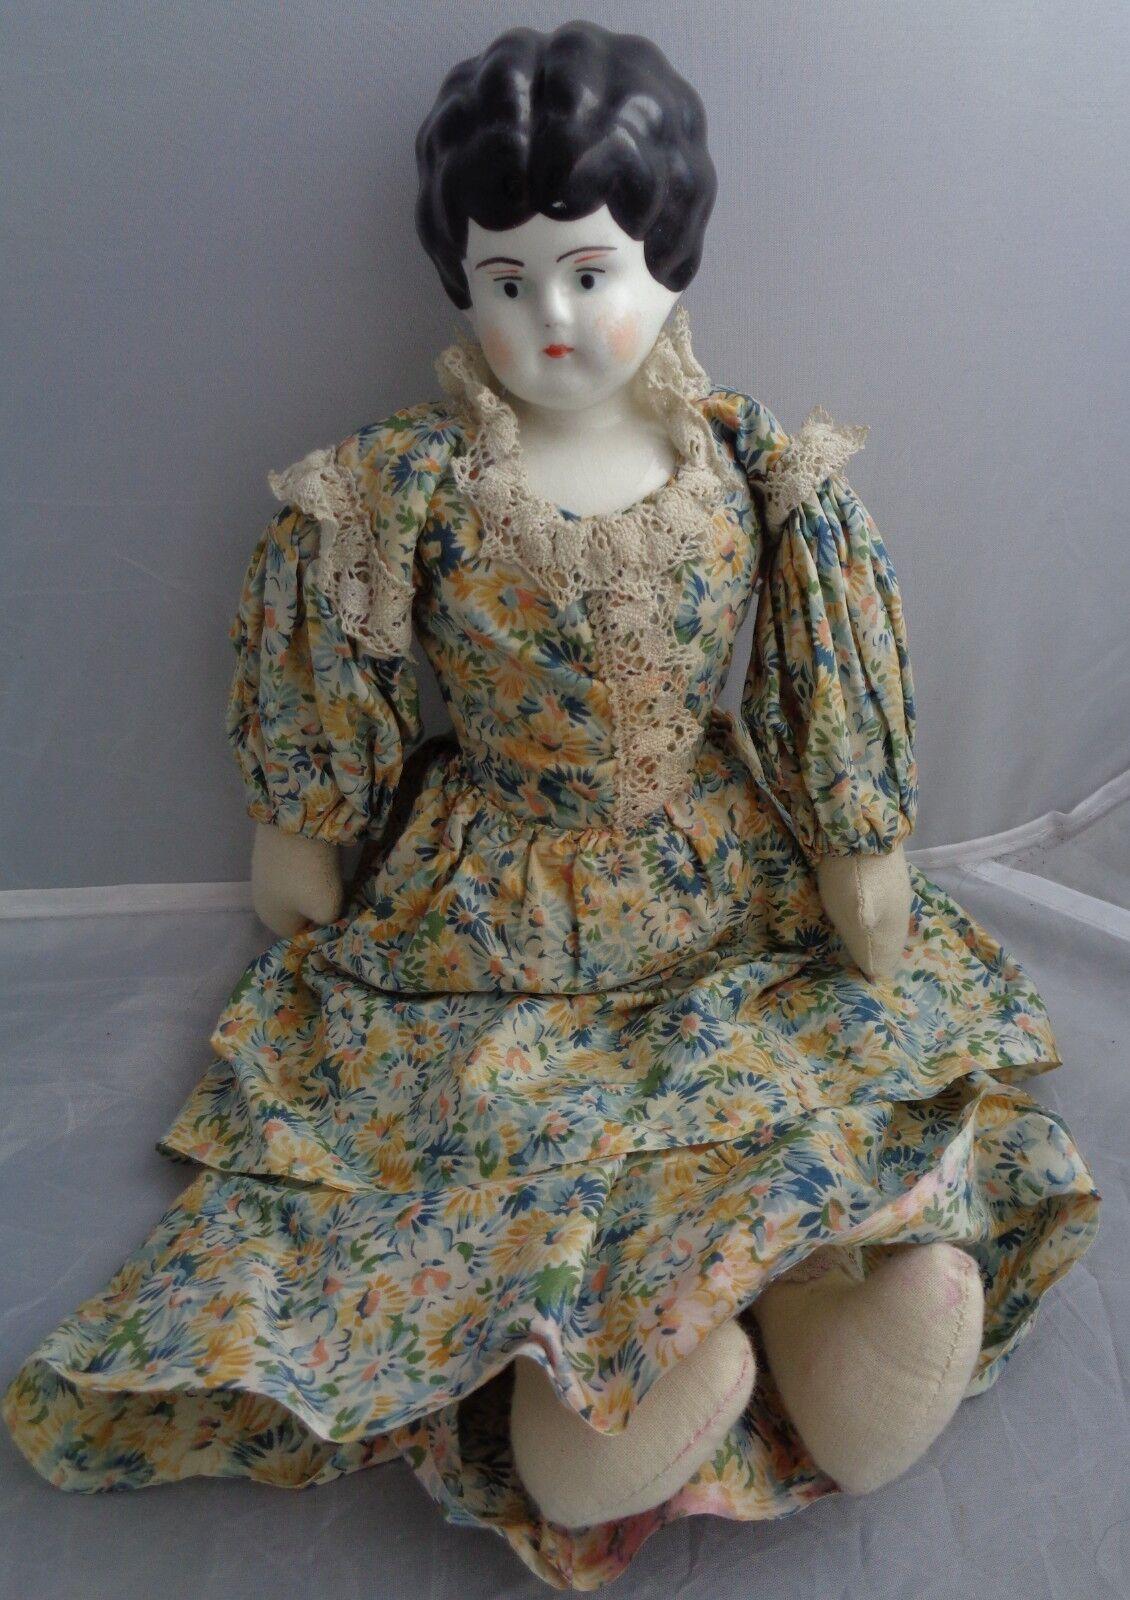 RARA BAMBOLA PARIA TESTA IN BISQUIT CORPO IN TESSUTO  bambola POUPEE INIZIO SECOLO  scelte con prezzo basso